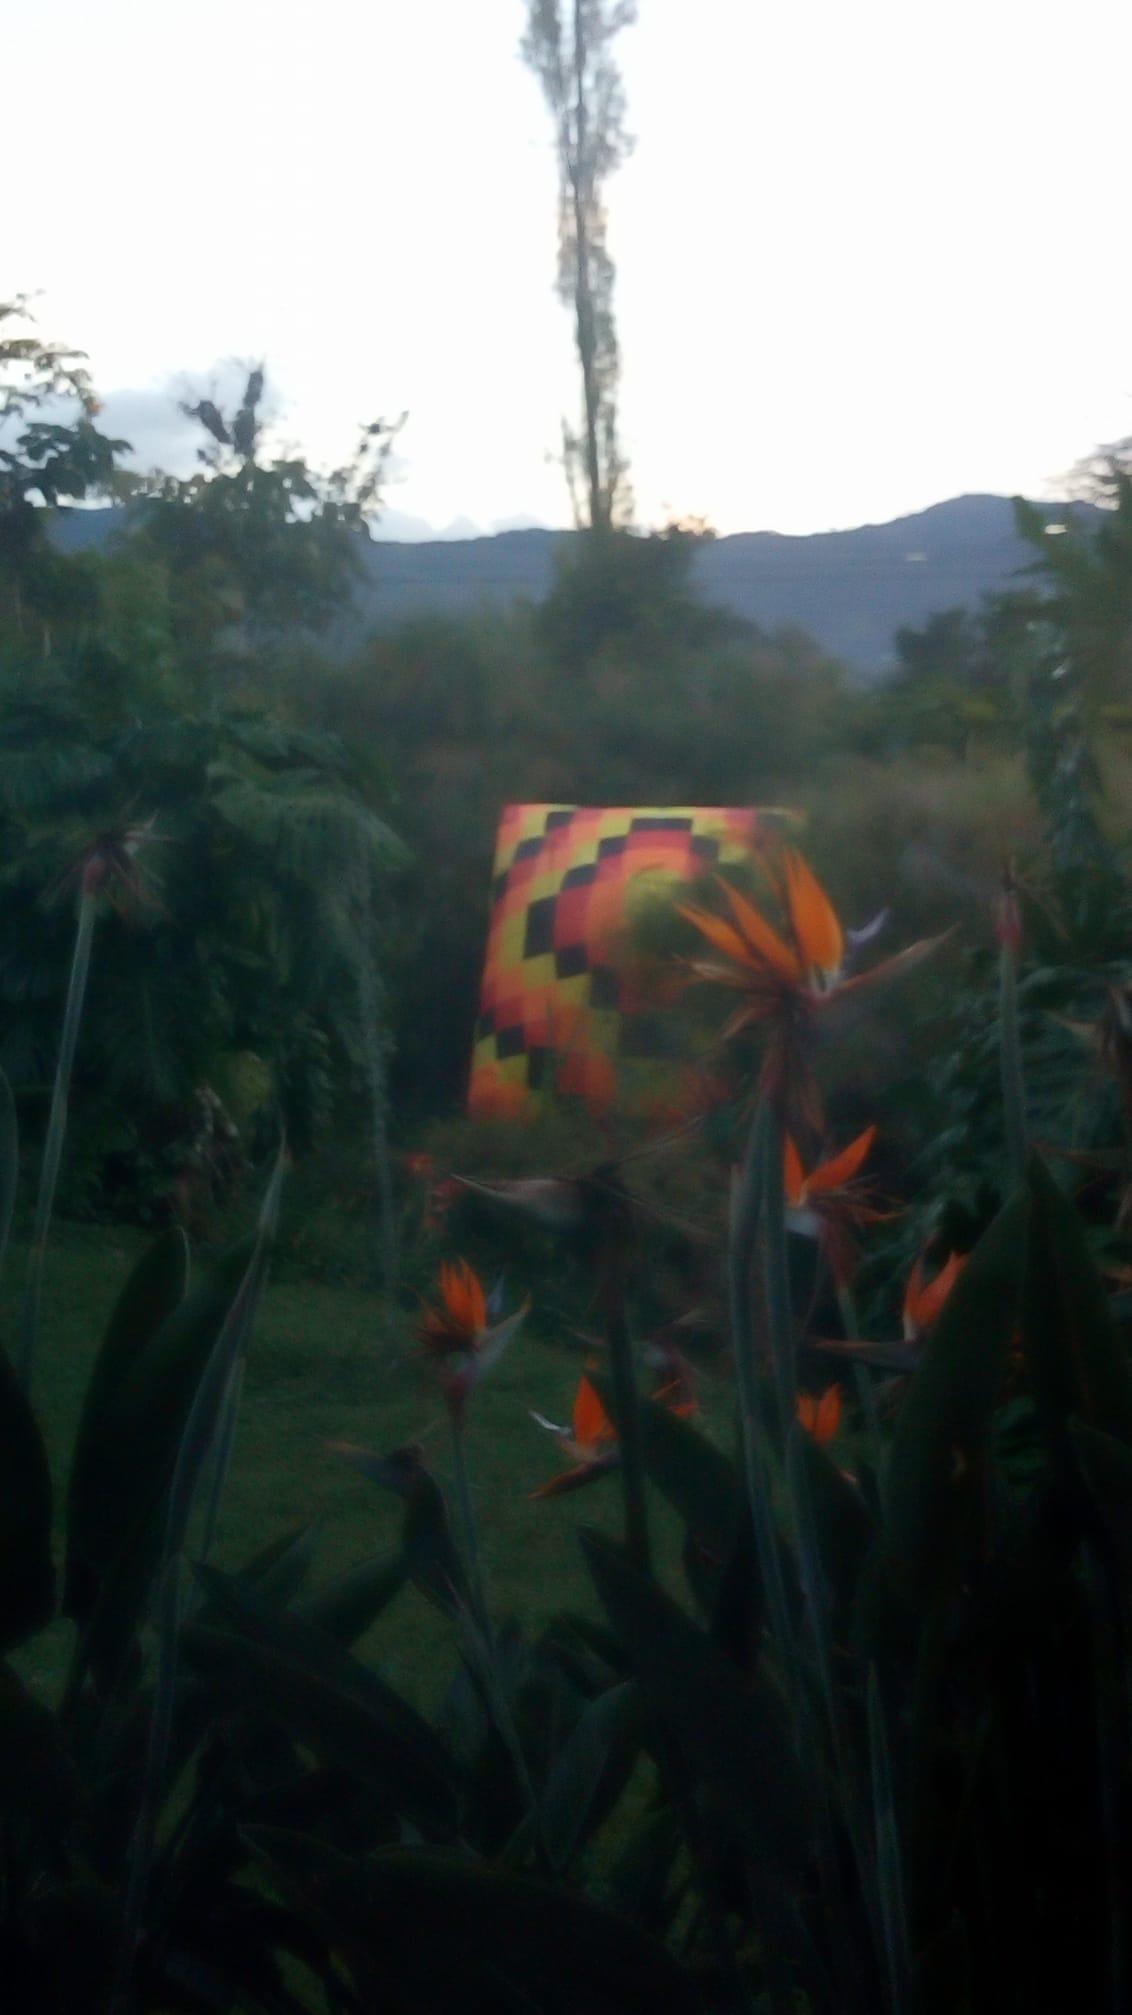 Un globo por poco ocasiona un incendio en la Clínica San Juan de Dios